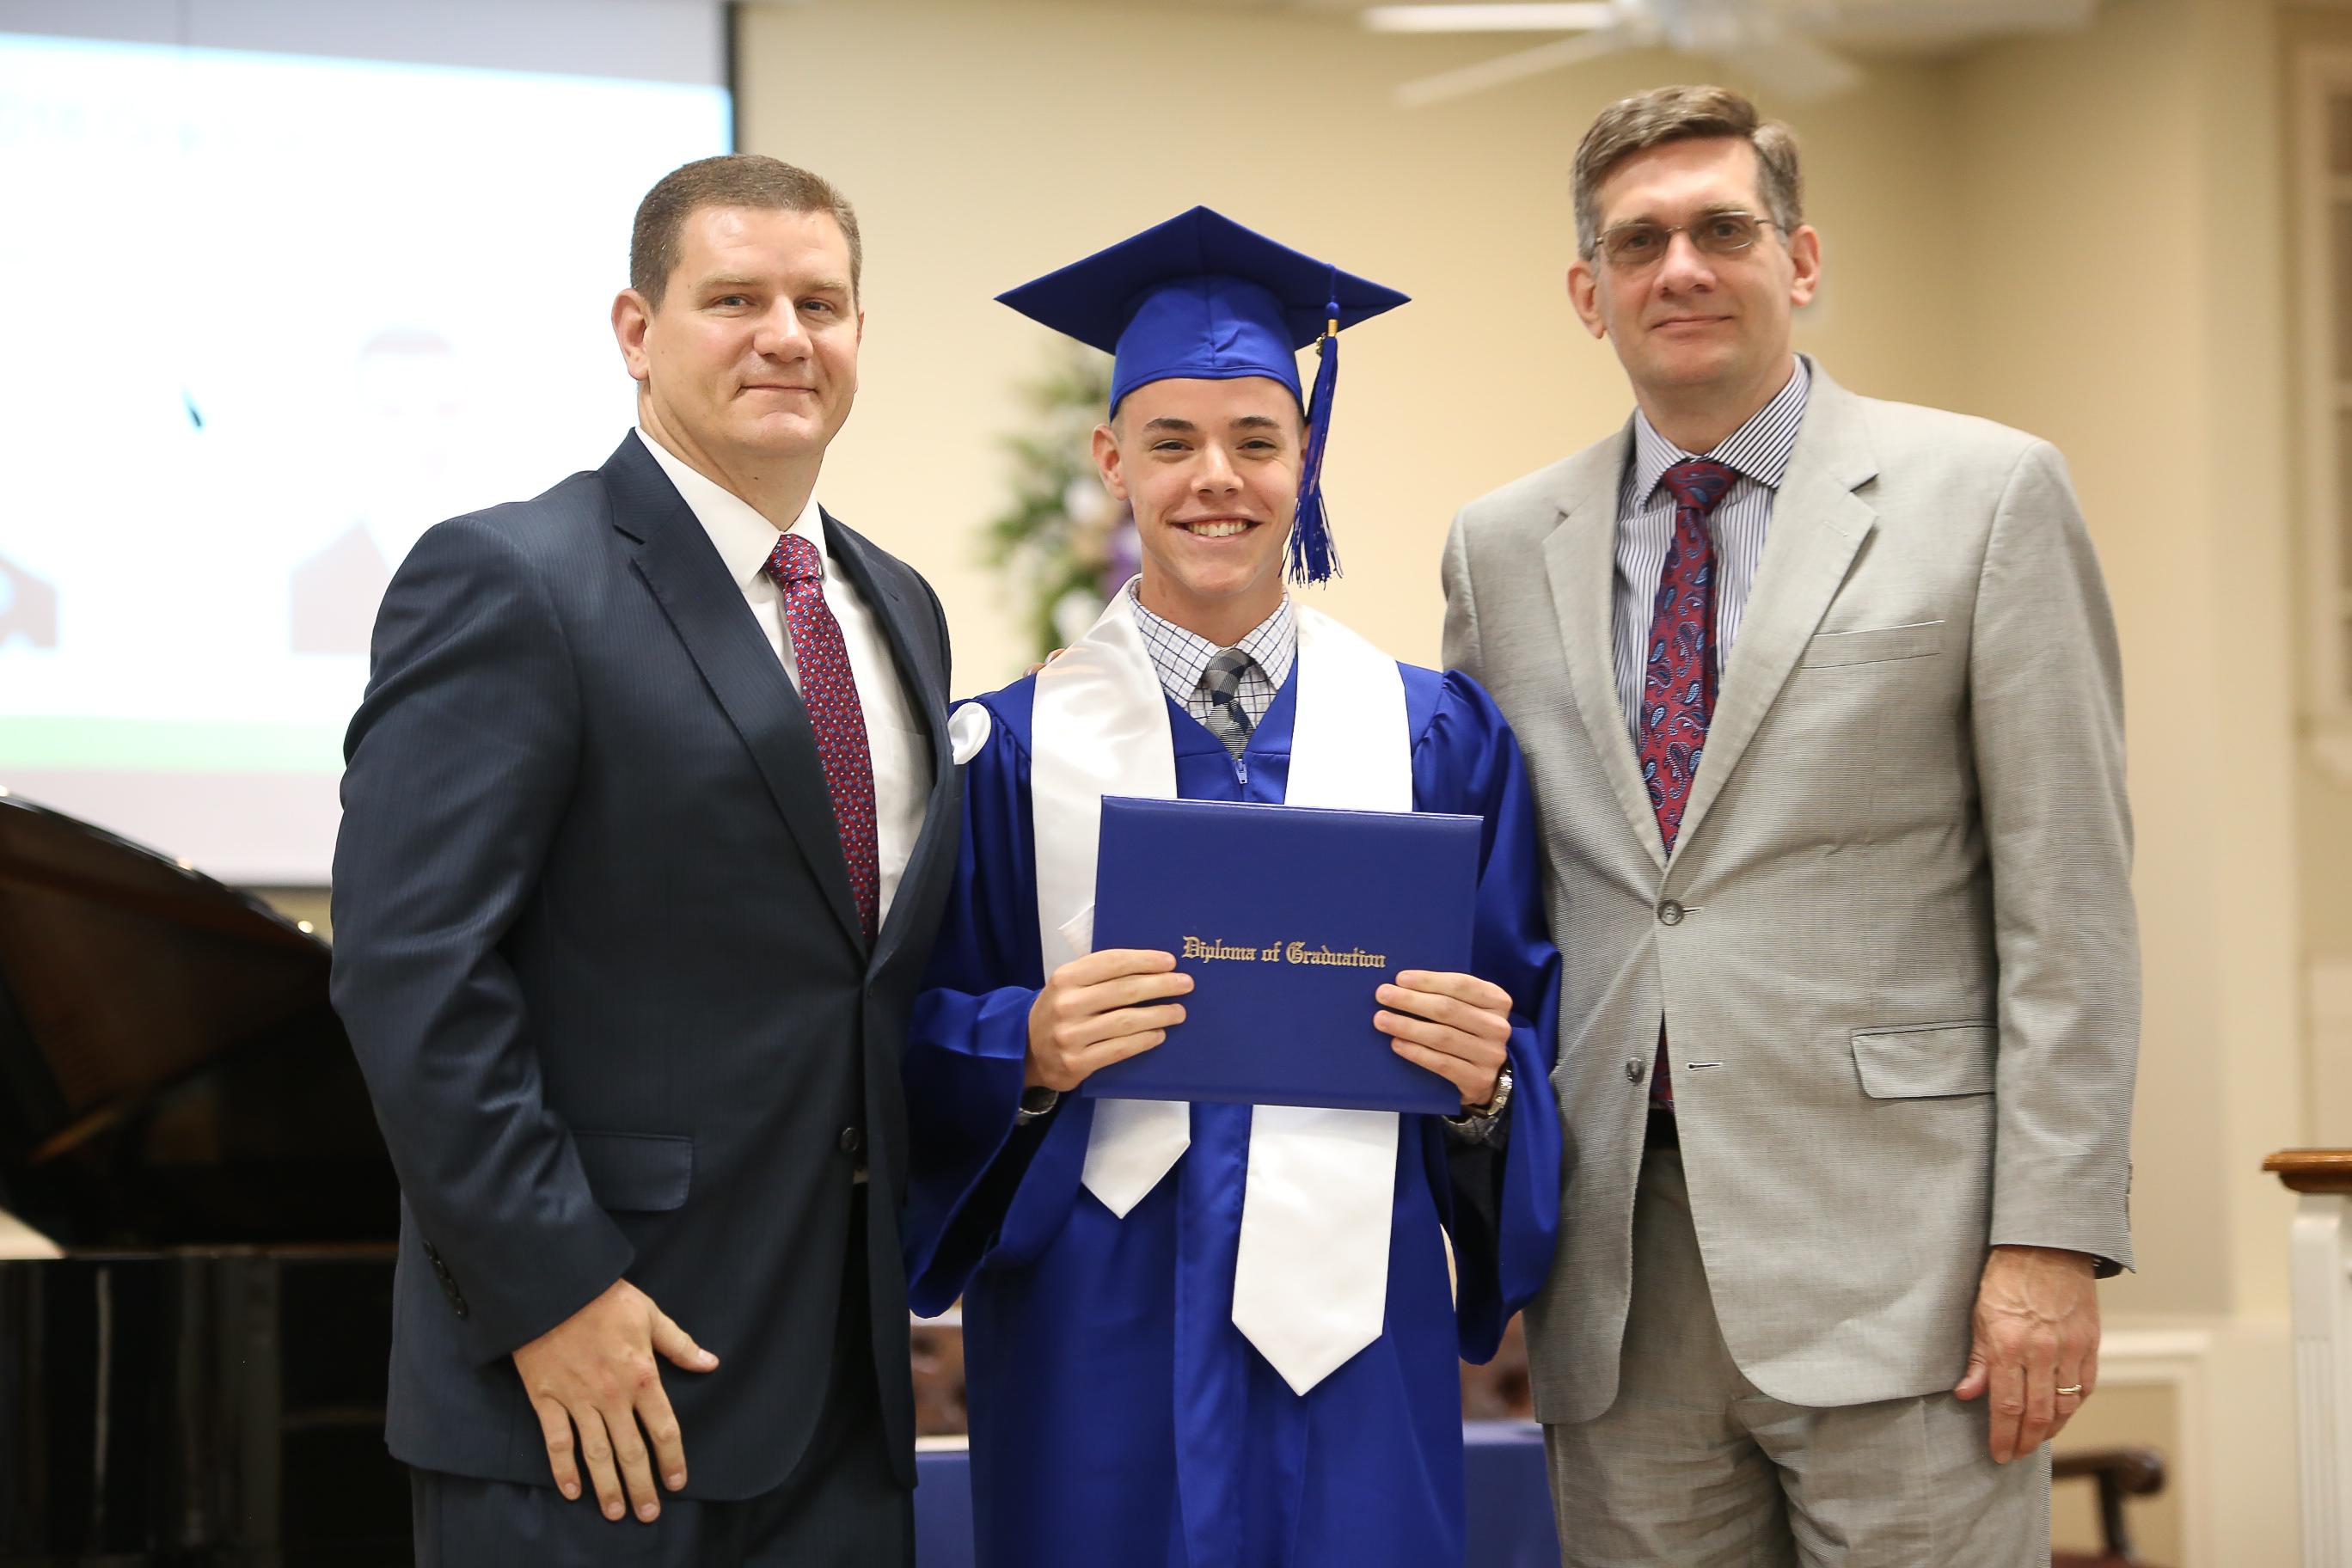 Graduation success!